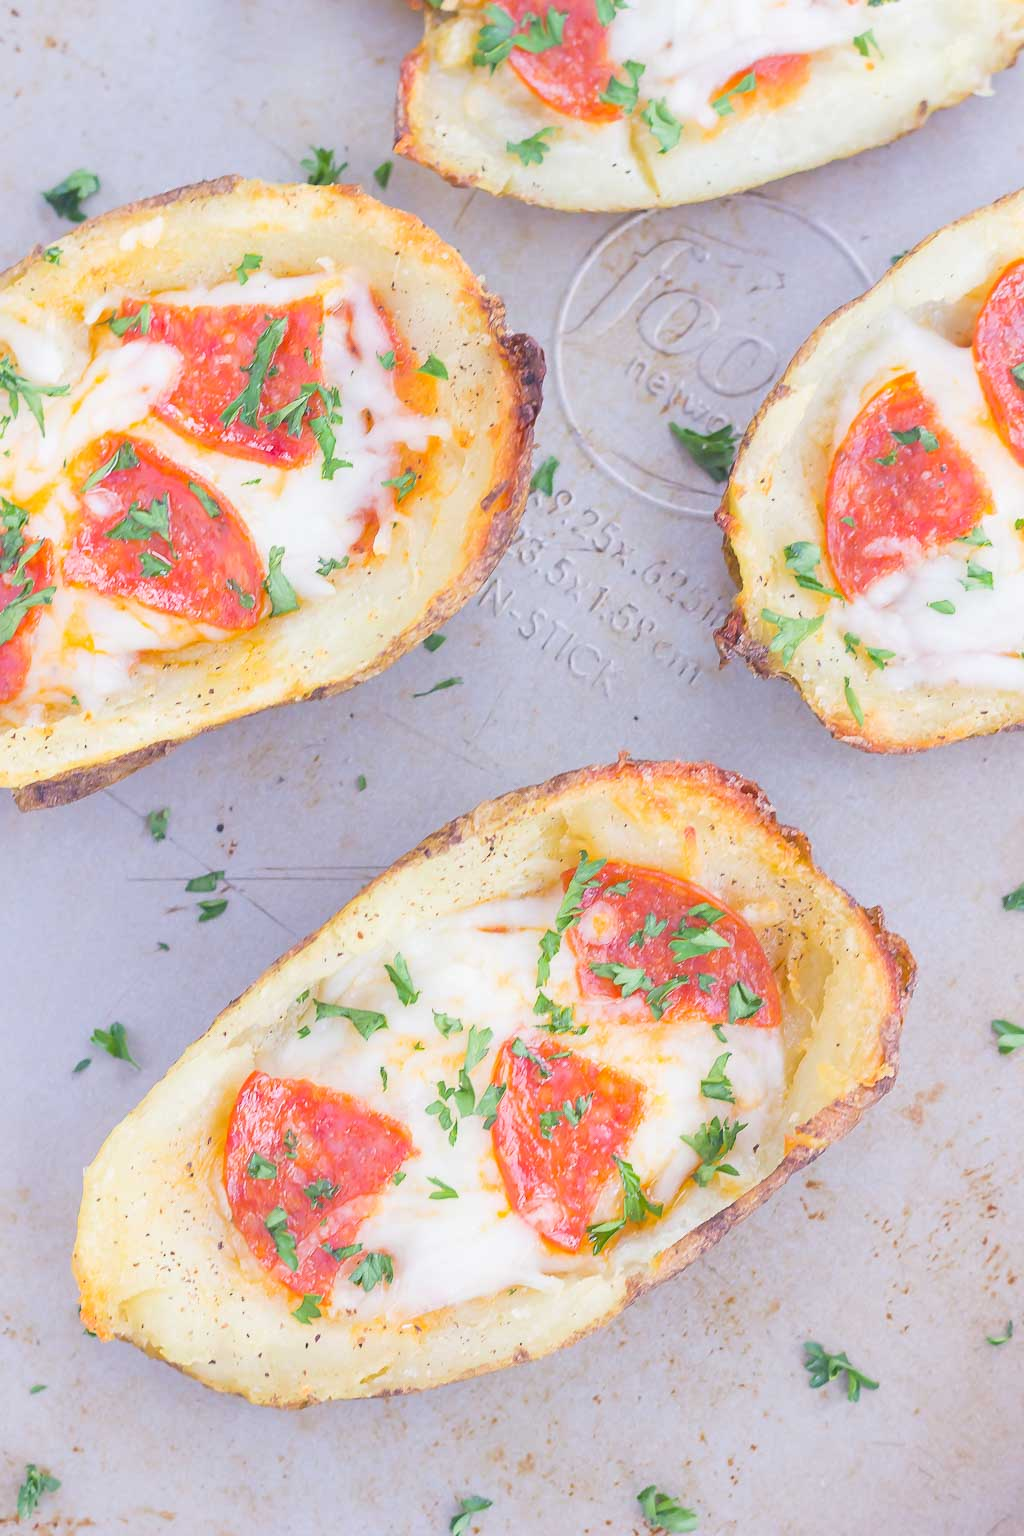 Carregadas com molho de pizza, mussarela fresca, calabresa e condimentos, essas cascas de batata para pizza certamente serão um lanche ou lanche que agradará a multidão!